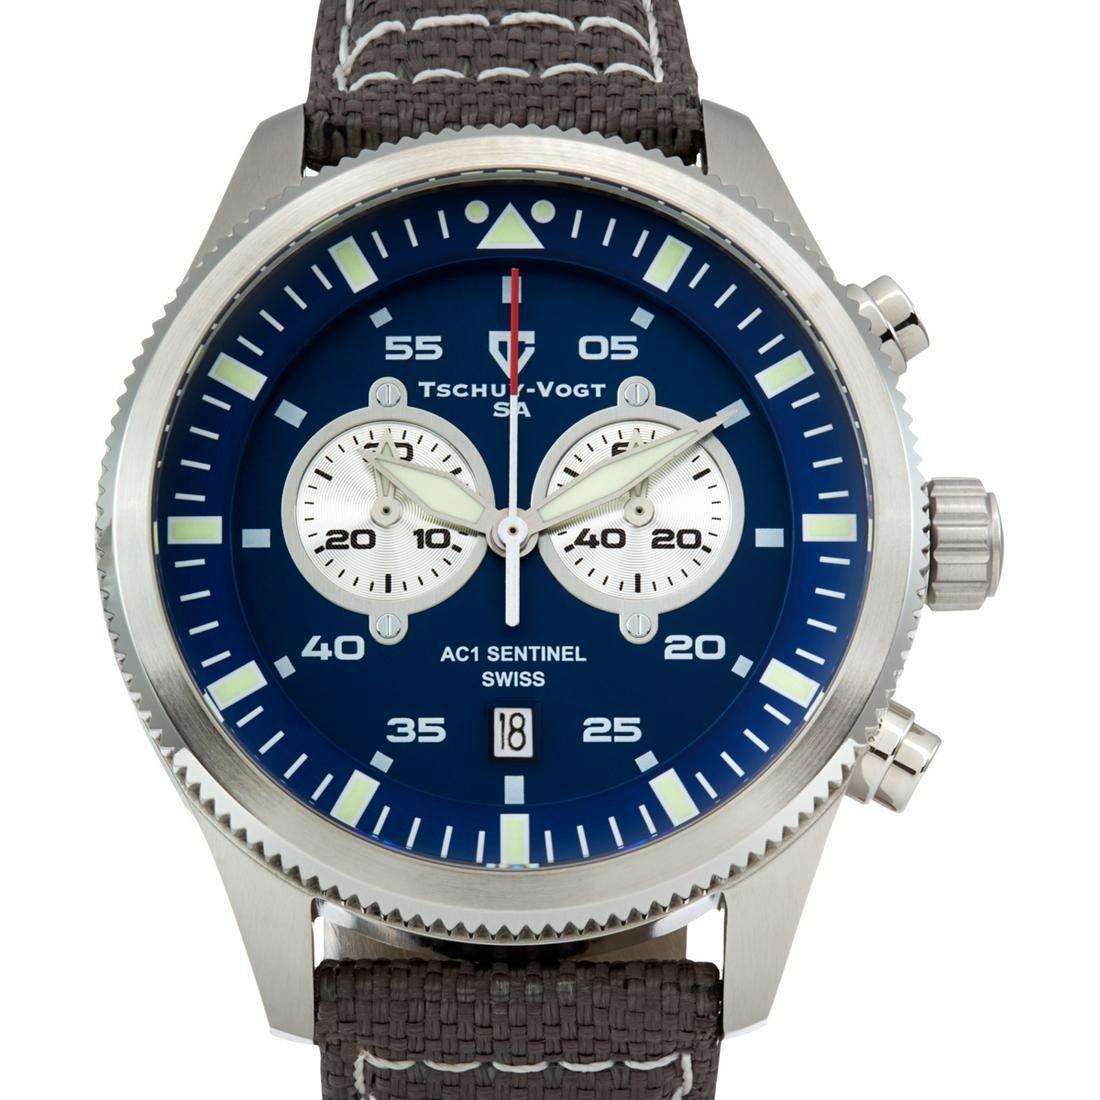 Tschuy-Vogt AC1 Sentinel Men's Swiss quartz watch